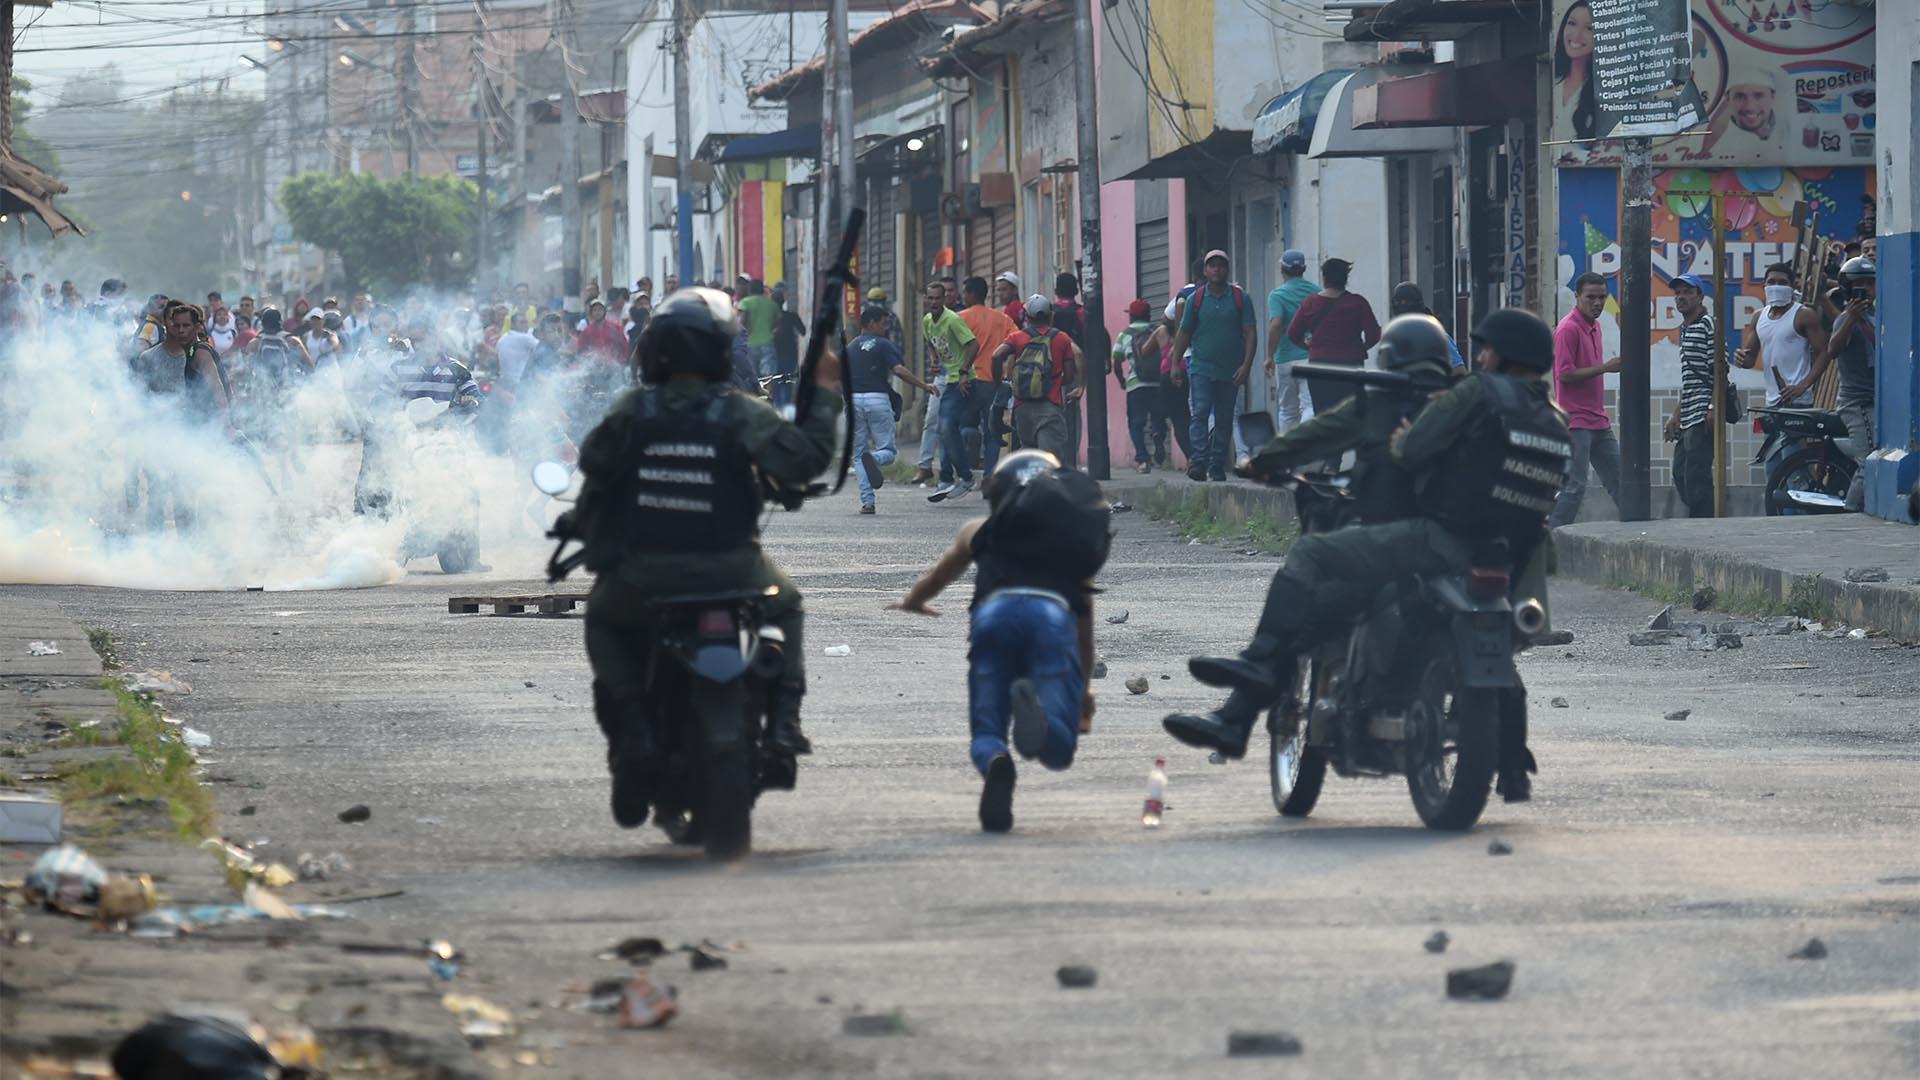 Guardias nacionales venezolanos chocan con manifestantes en la ciudad fronteriza de Ureña después de que el gobierno de Maduro ordenara cerrar temporalmente la frontera con Colombia este 23 de febrero de 2019 (AFP)